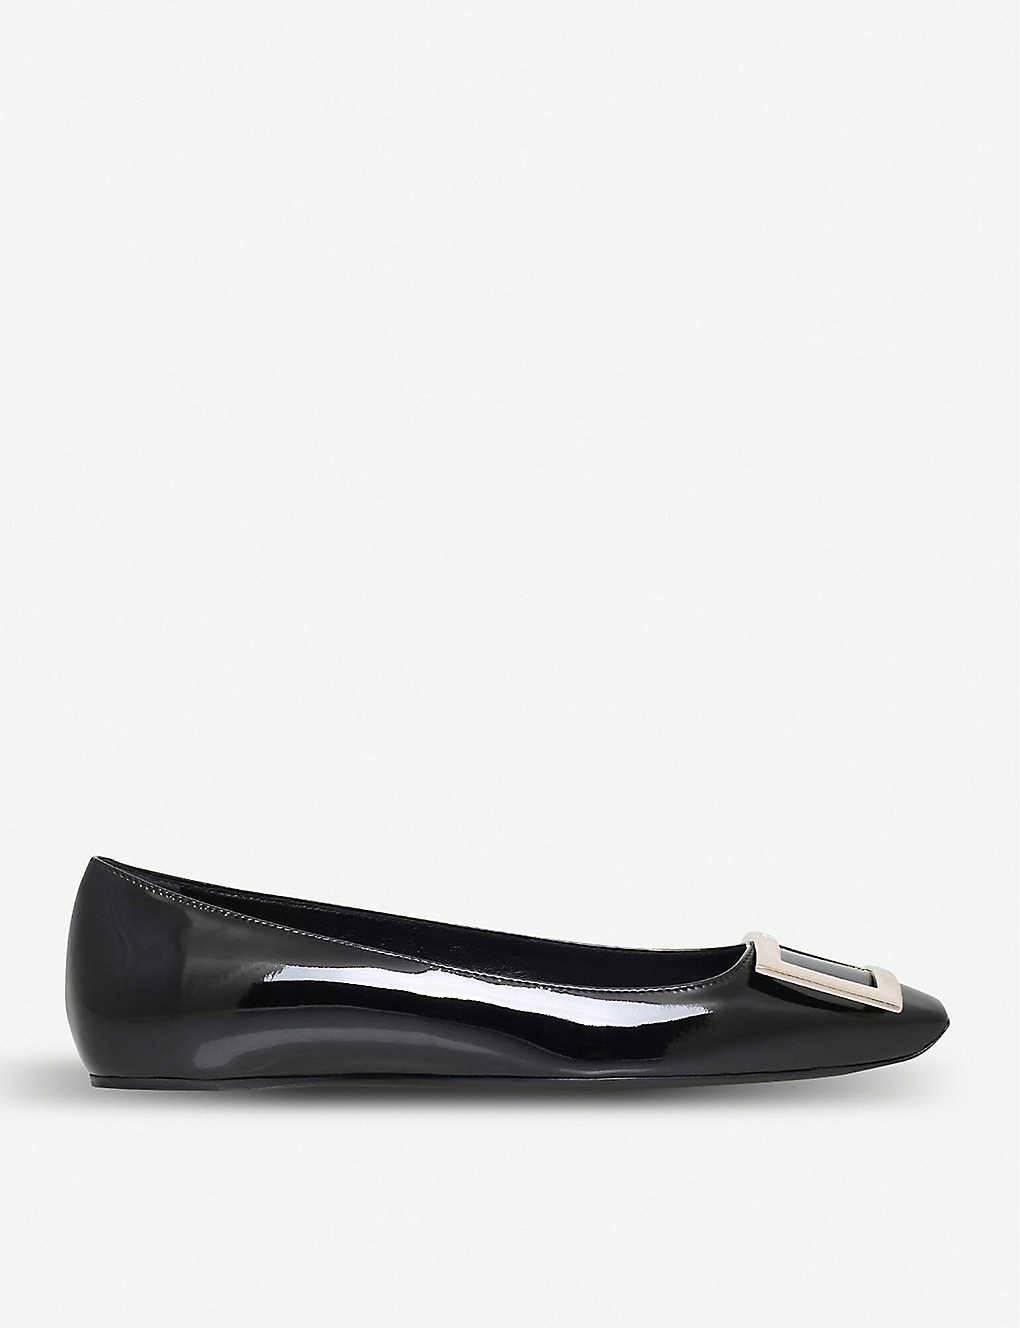 1d49dfac54ea0 ROGER VIVIER - Trompette patent-leather ballet flats | Selfridges.com